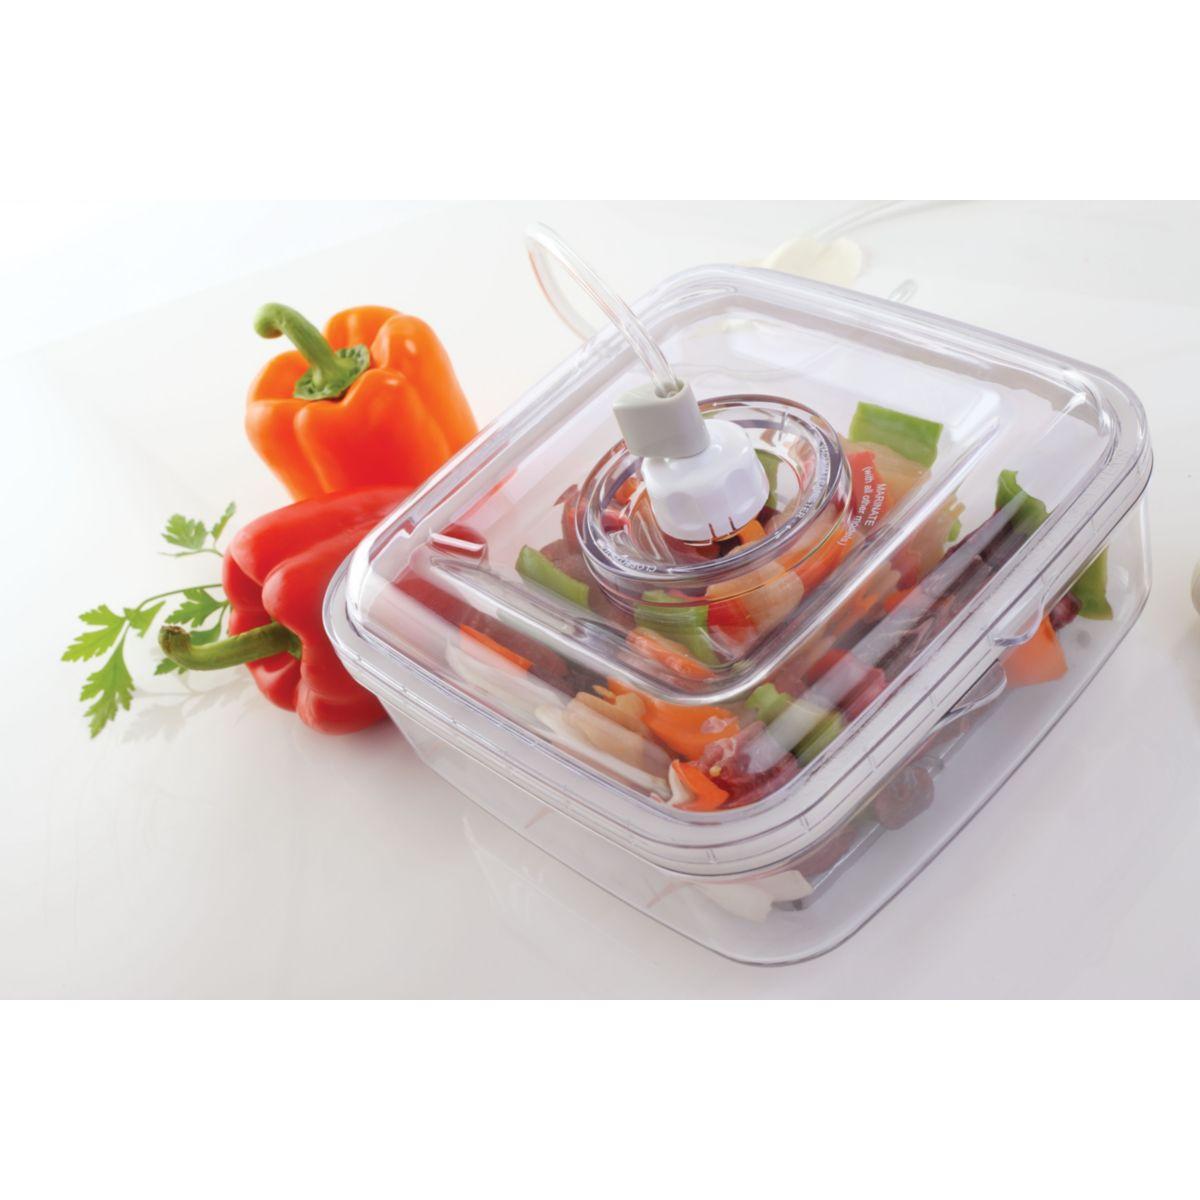 Boîte food saver 2.13l pour mise sous vi - 20% de remise immédiate avec le code : cool20 (photo)